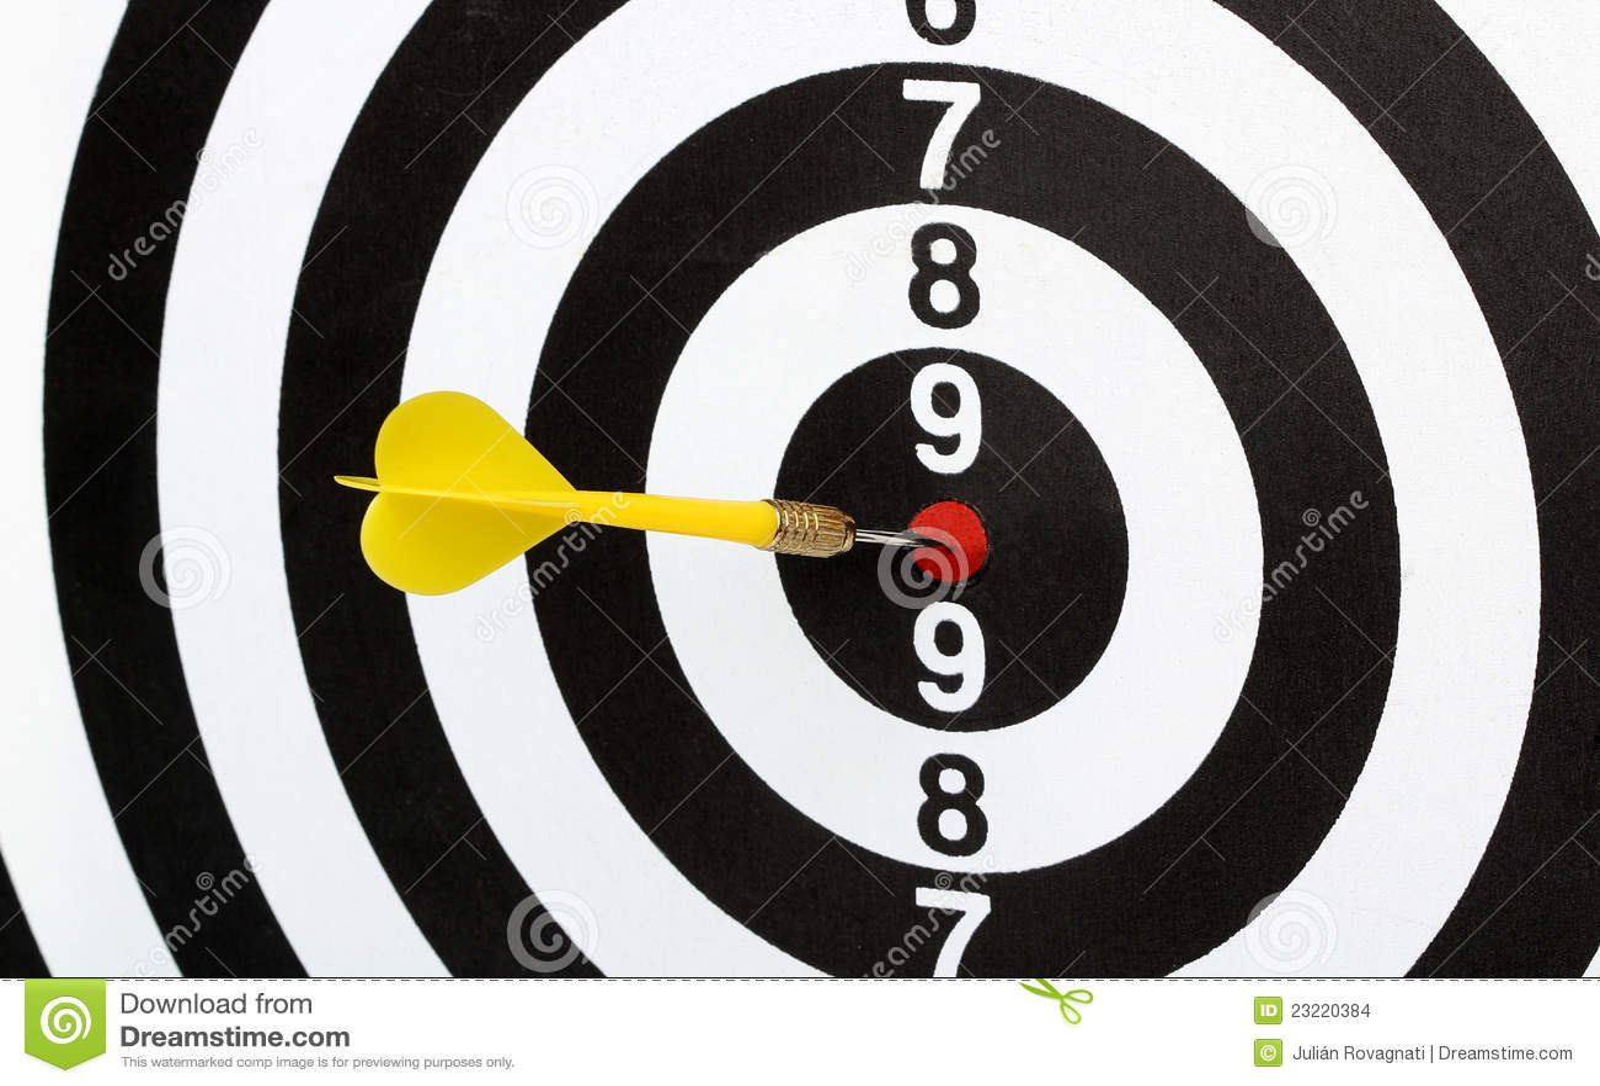 darts bulls eye